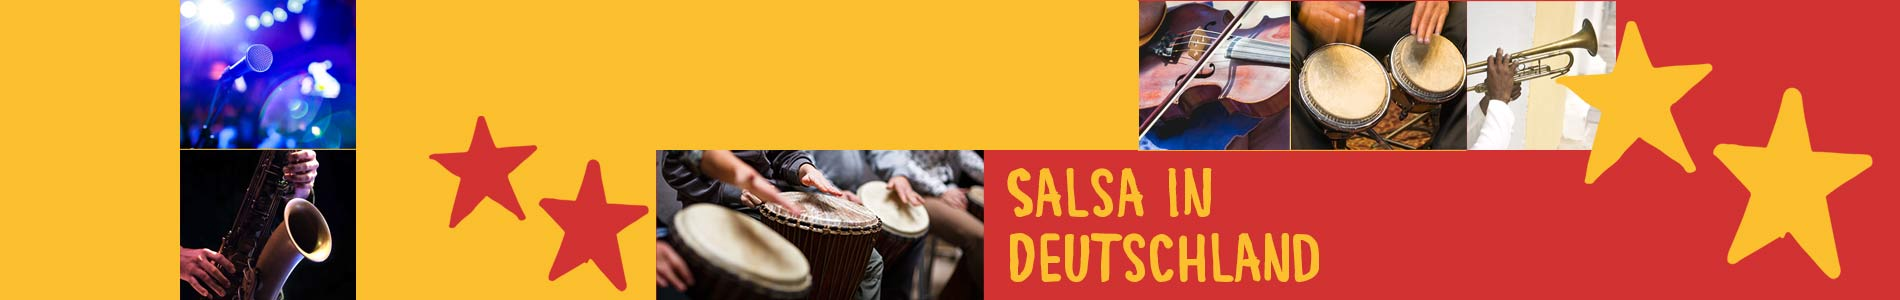 Salsa in Burgsolms – Salsa lernen und tanzen, Tanzkurse, Partys, Veranstaltungen